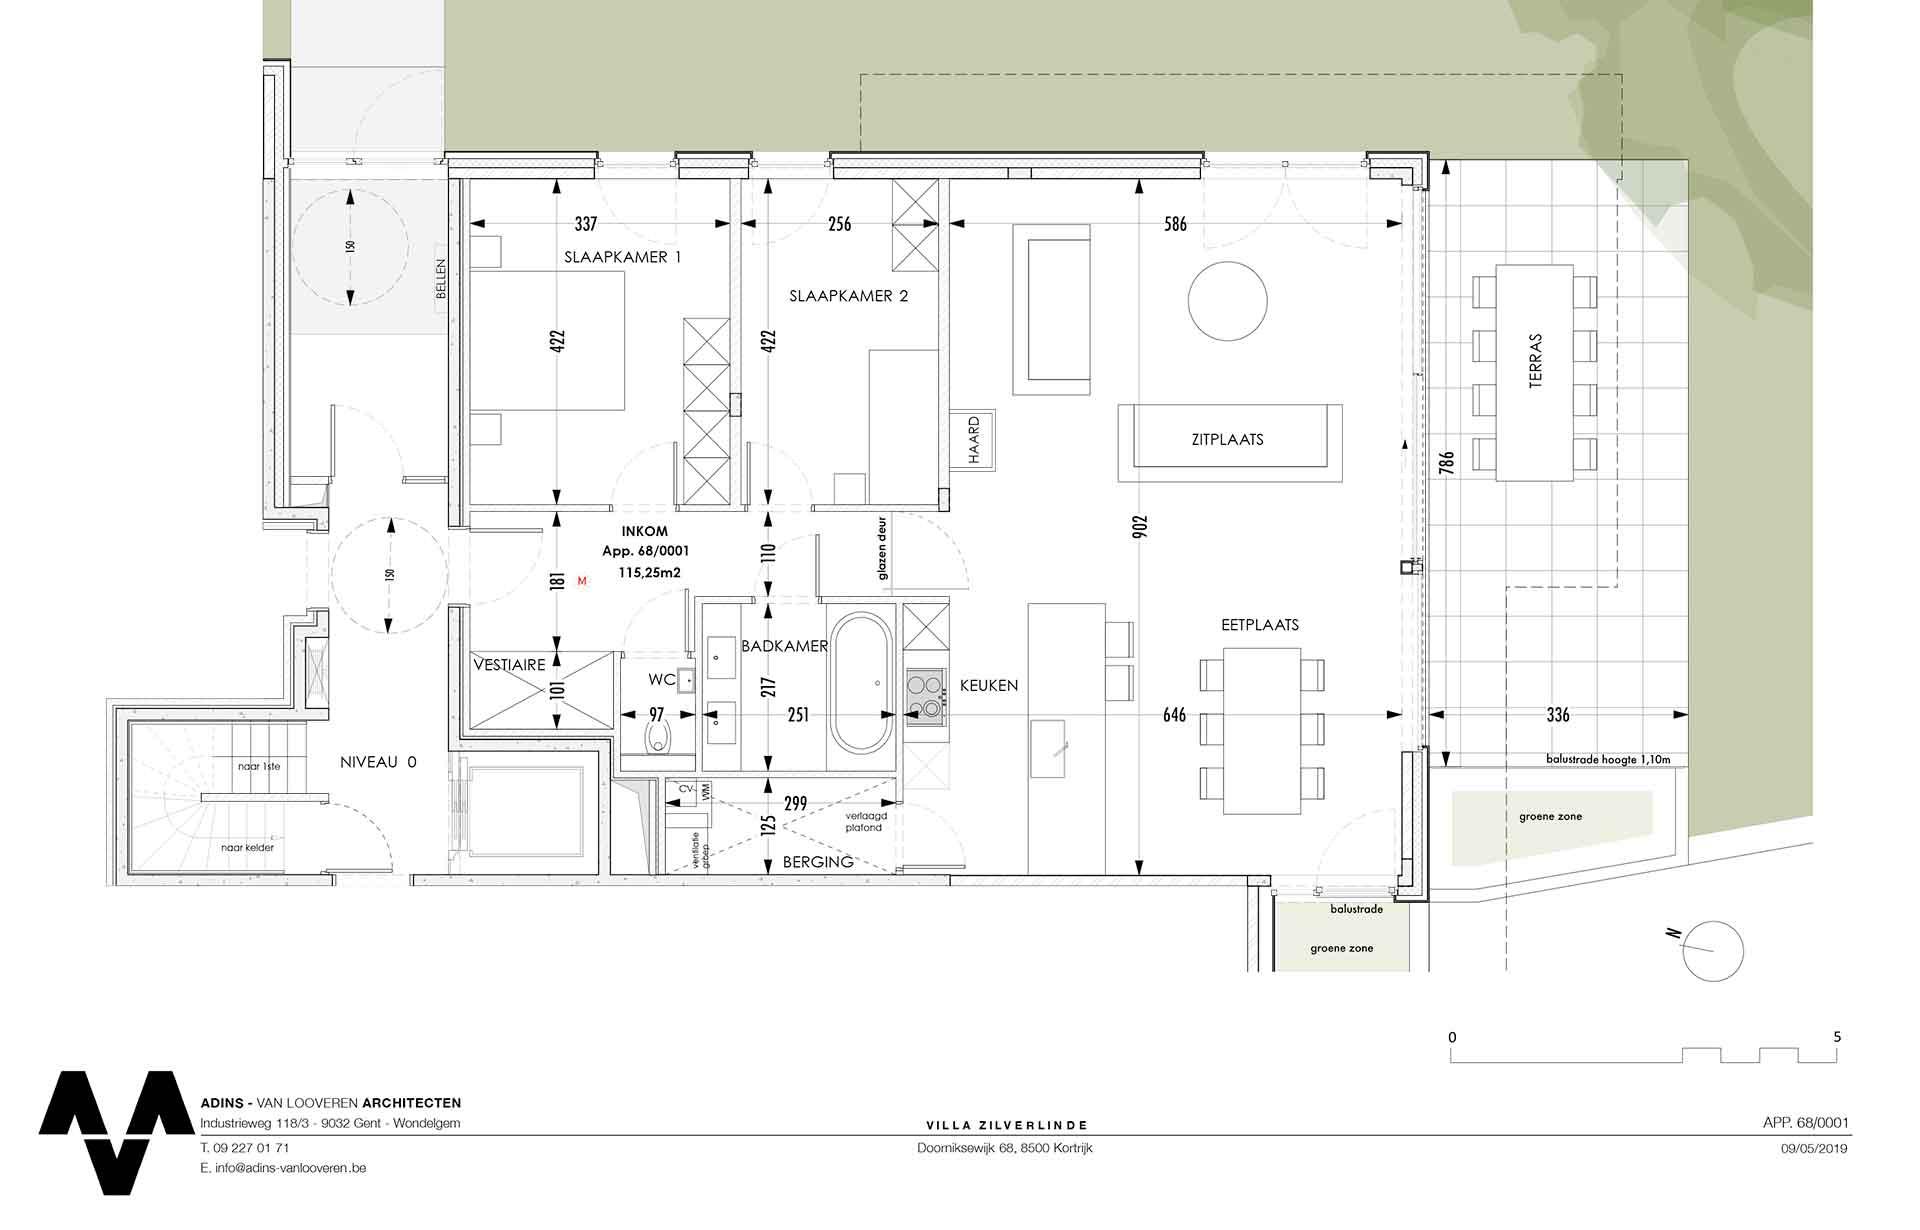 Villa <br/> Zilverlinde - image appartement-te-koop-kortrijk-villa-zilverlinde-01 on https://hoprom.be